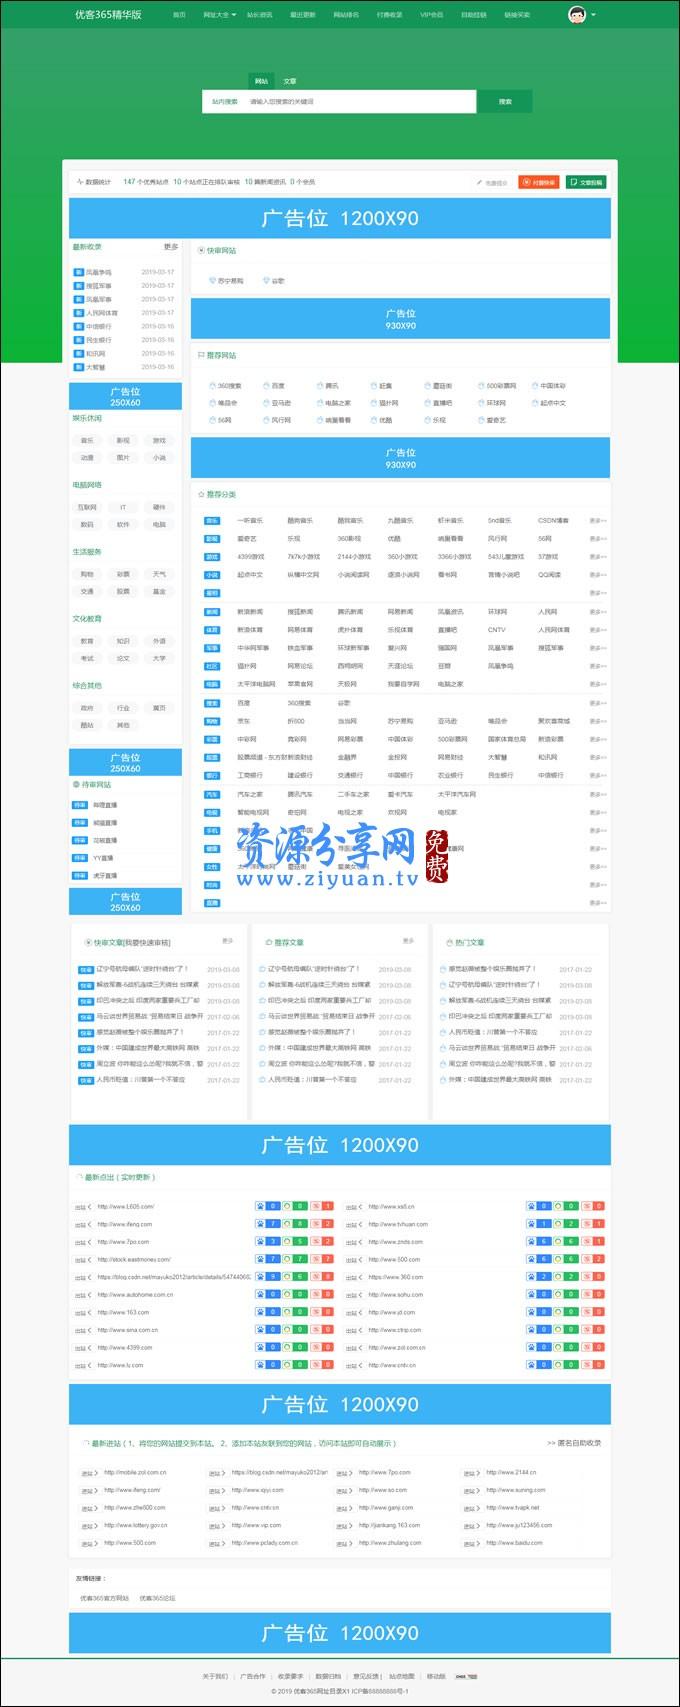 优客 365 网址导航商业精华版 1.1.6 网站源码